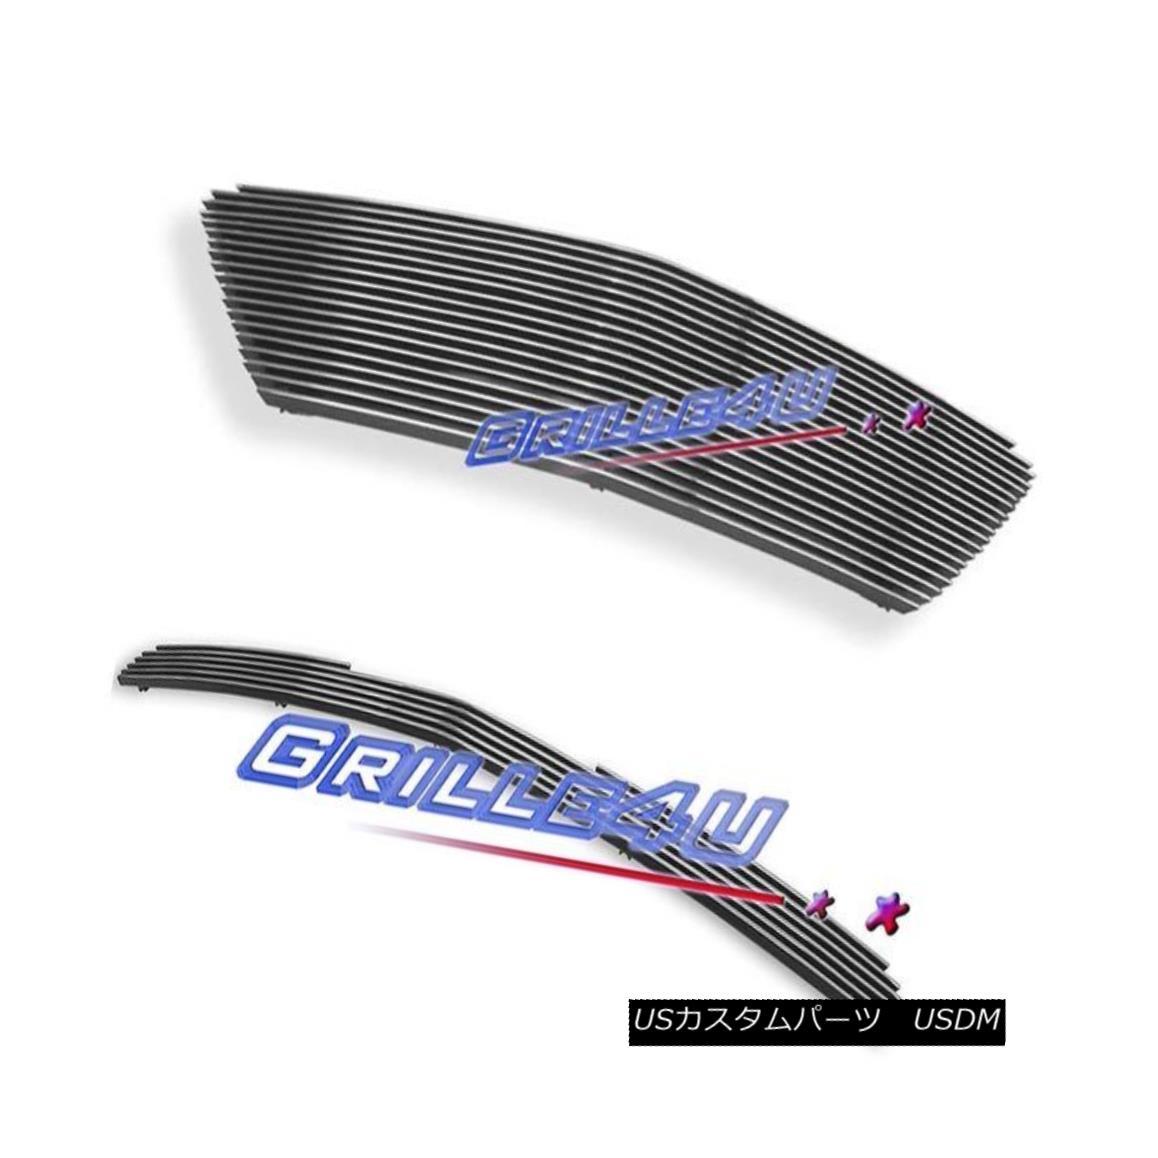 グリル Customized For 03-06 Kia Sorento Billet Premium Grille Grill Combo Insert 03-06 Kia Sorento Billetプレミアムグリルグリルコンボインサート